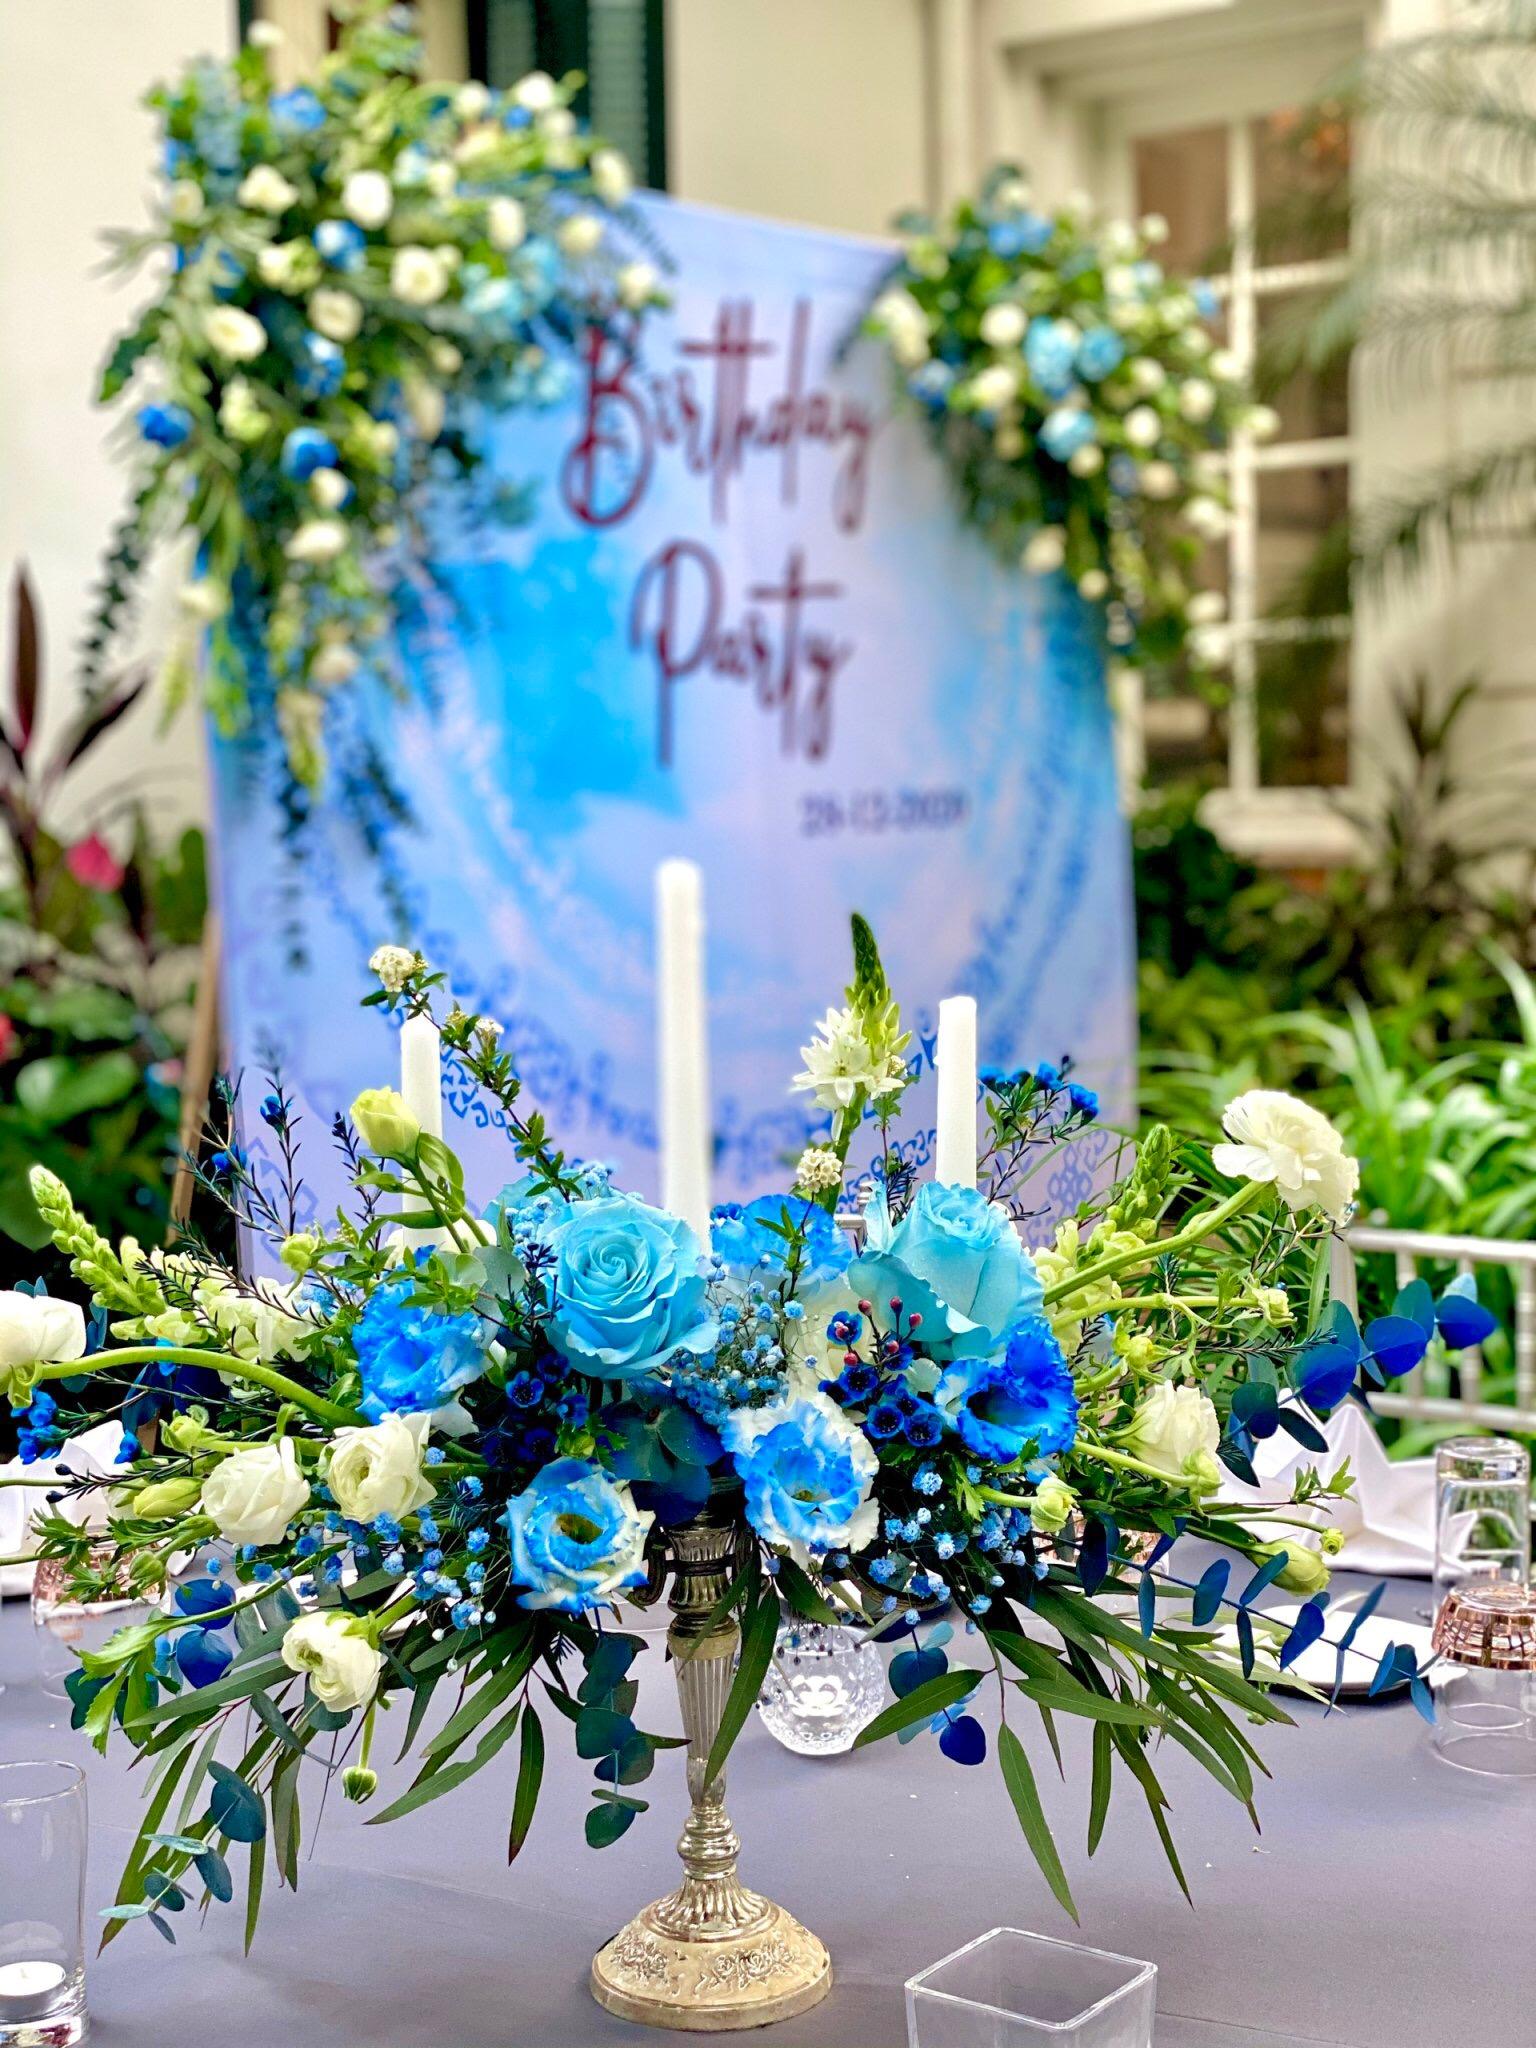 Bài trí trở thành điểm nhấn quan trọng trong mọi bữa tiệc từ bàn ăn cho đến không gian tiệc. Tại Lý Club có các gói tiệc bao gồm hoa, trang trí, thiết kế bàn tiệc thịnh soạn với hoa tươi, nến, dụng cụ ăn cao cấp trong phòng vip, phòng tiệc nhà kính hay khuôn viên ngoài trời.